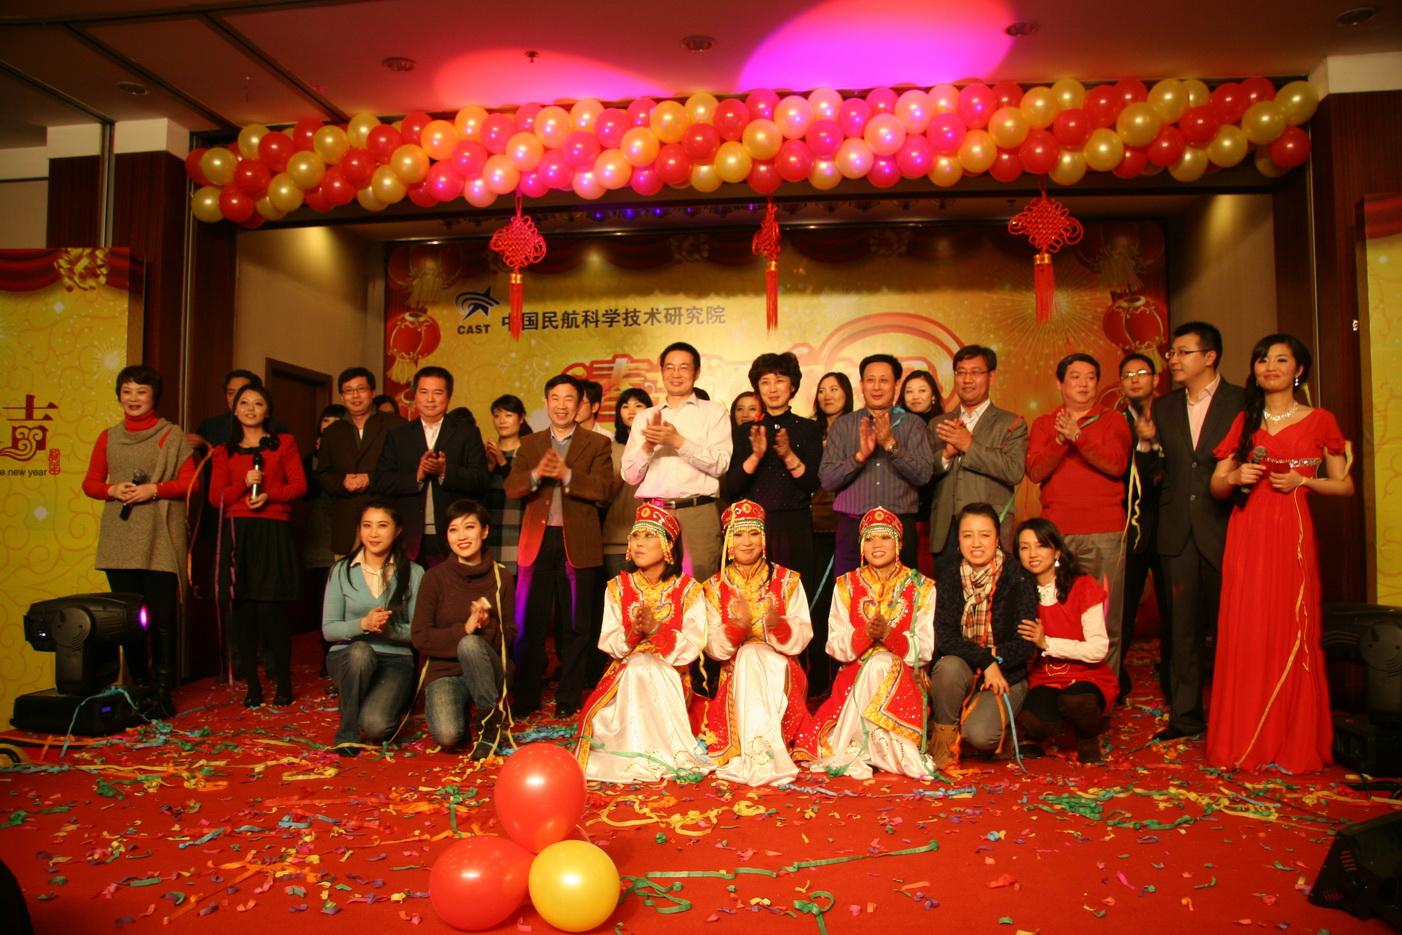 2011年春节联欢晚会_2011年春节联欢会活动策划